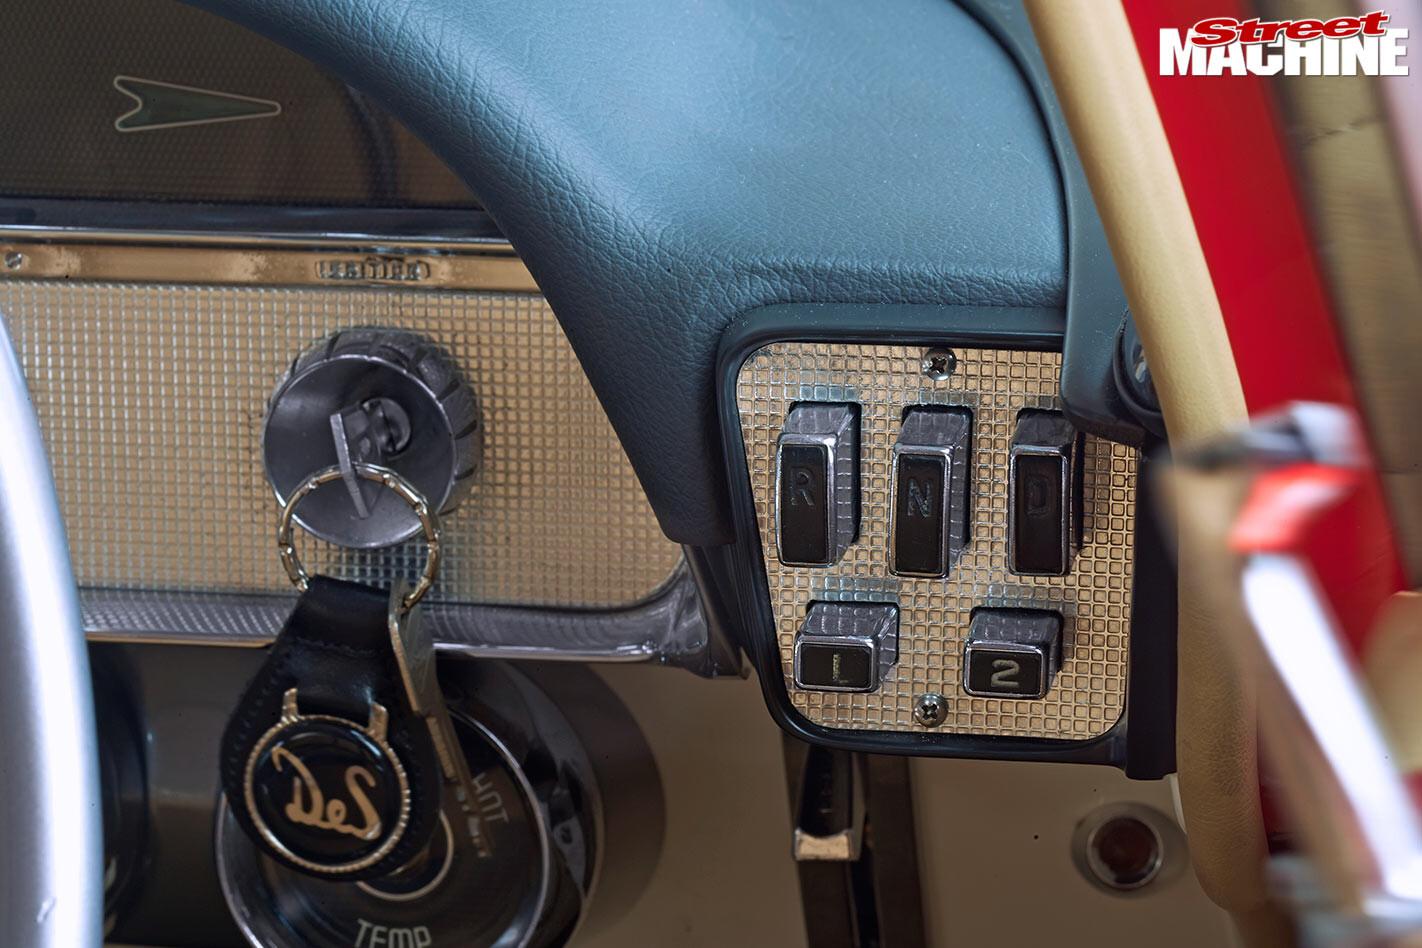 1957 DeSoto Fireflite dash